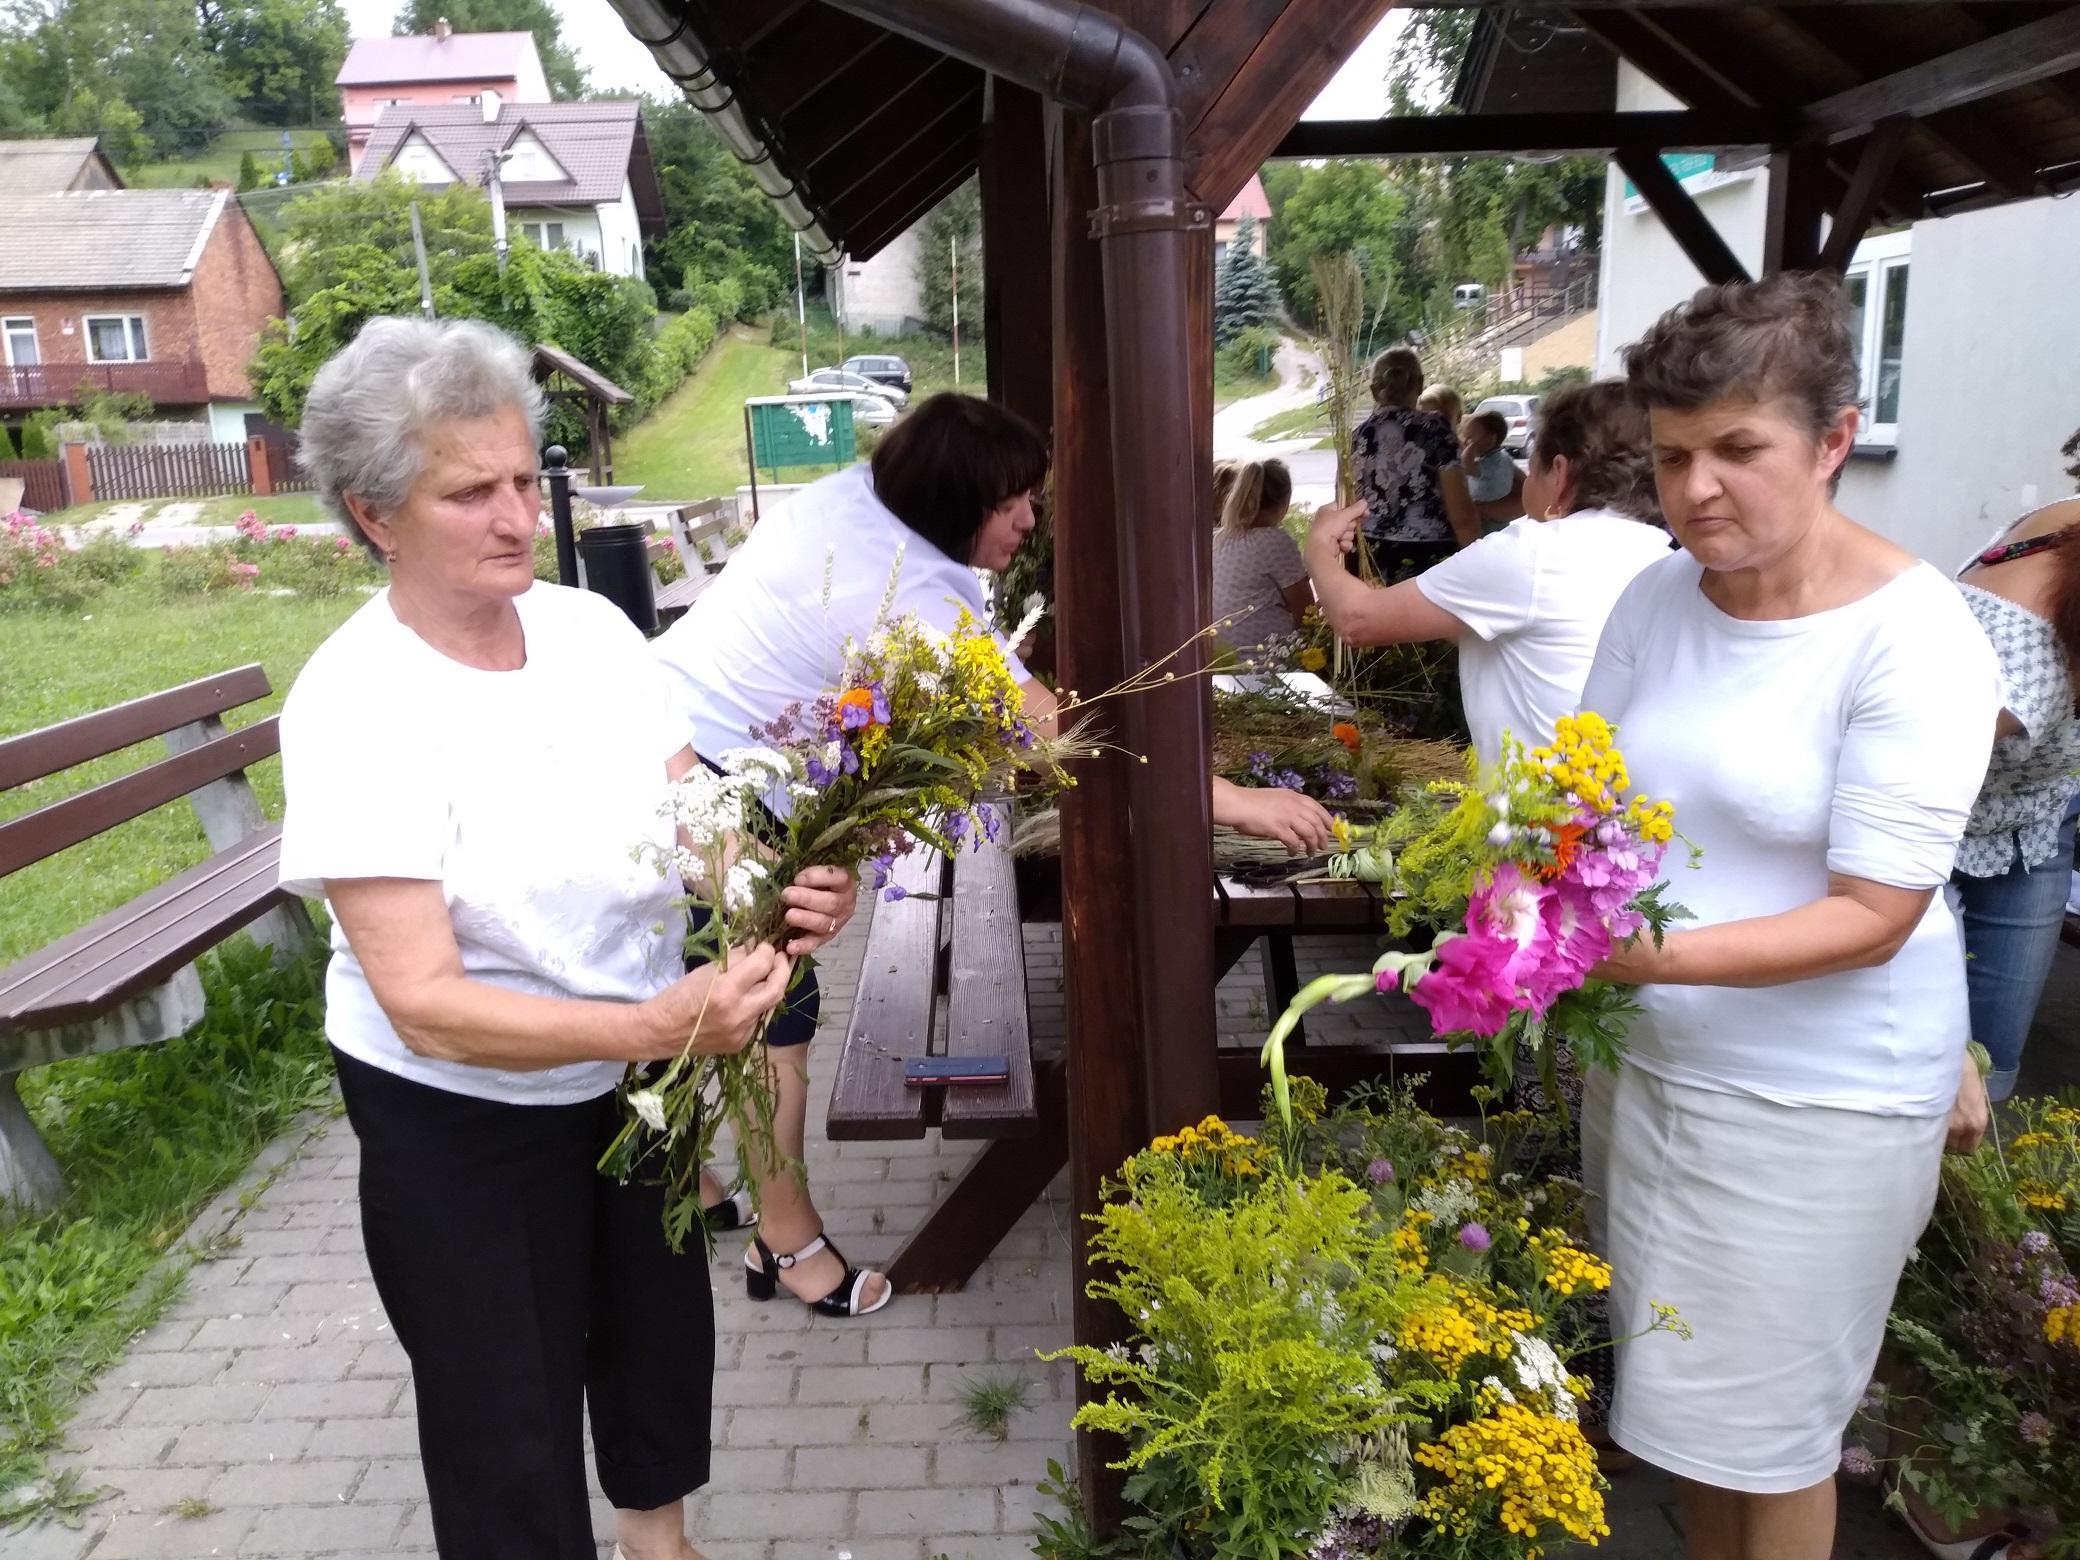 dwie kobiety układają trzymane w dłoniach bukiety